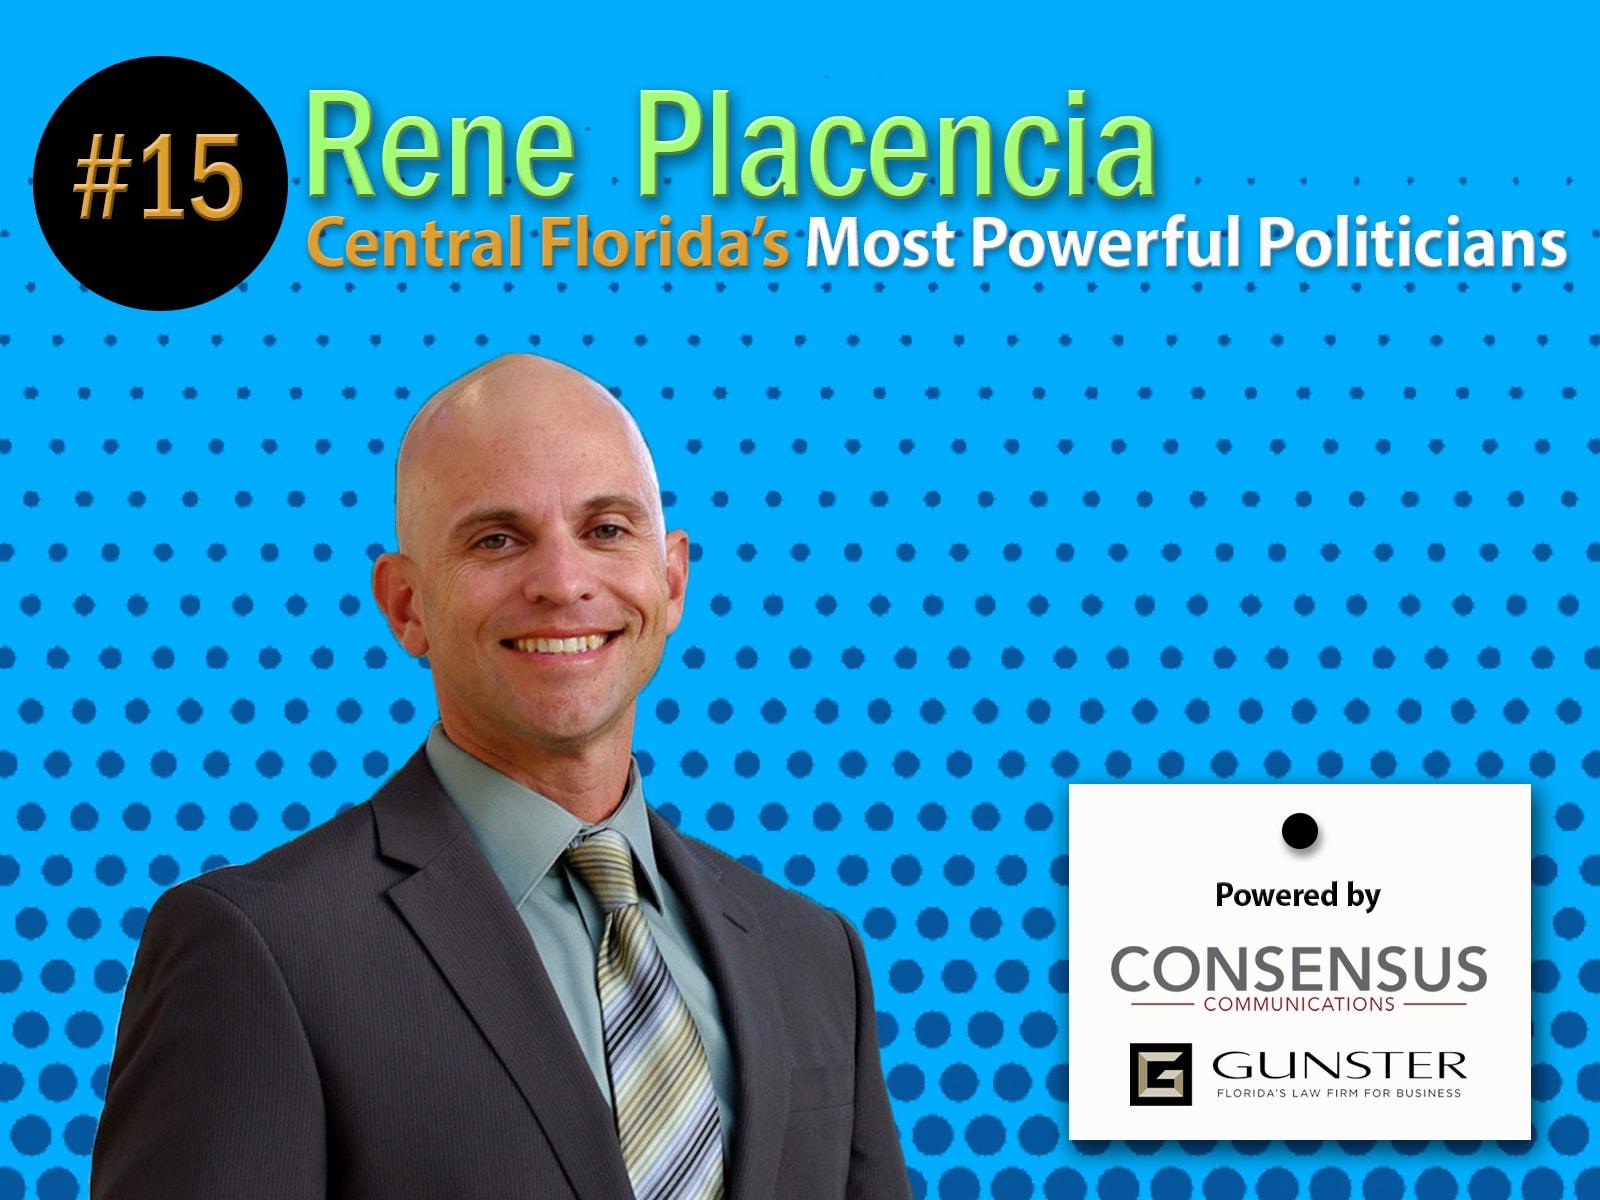 Rene Placencia